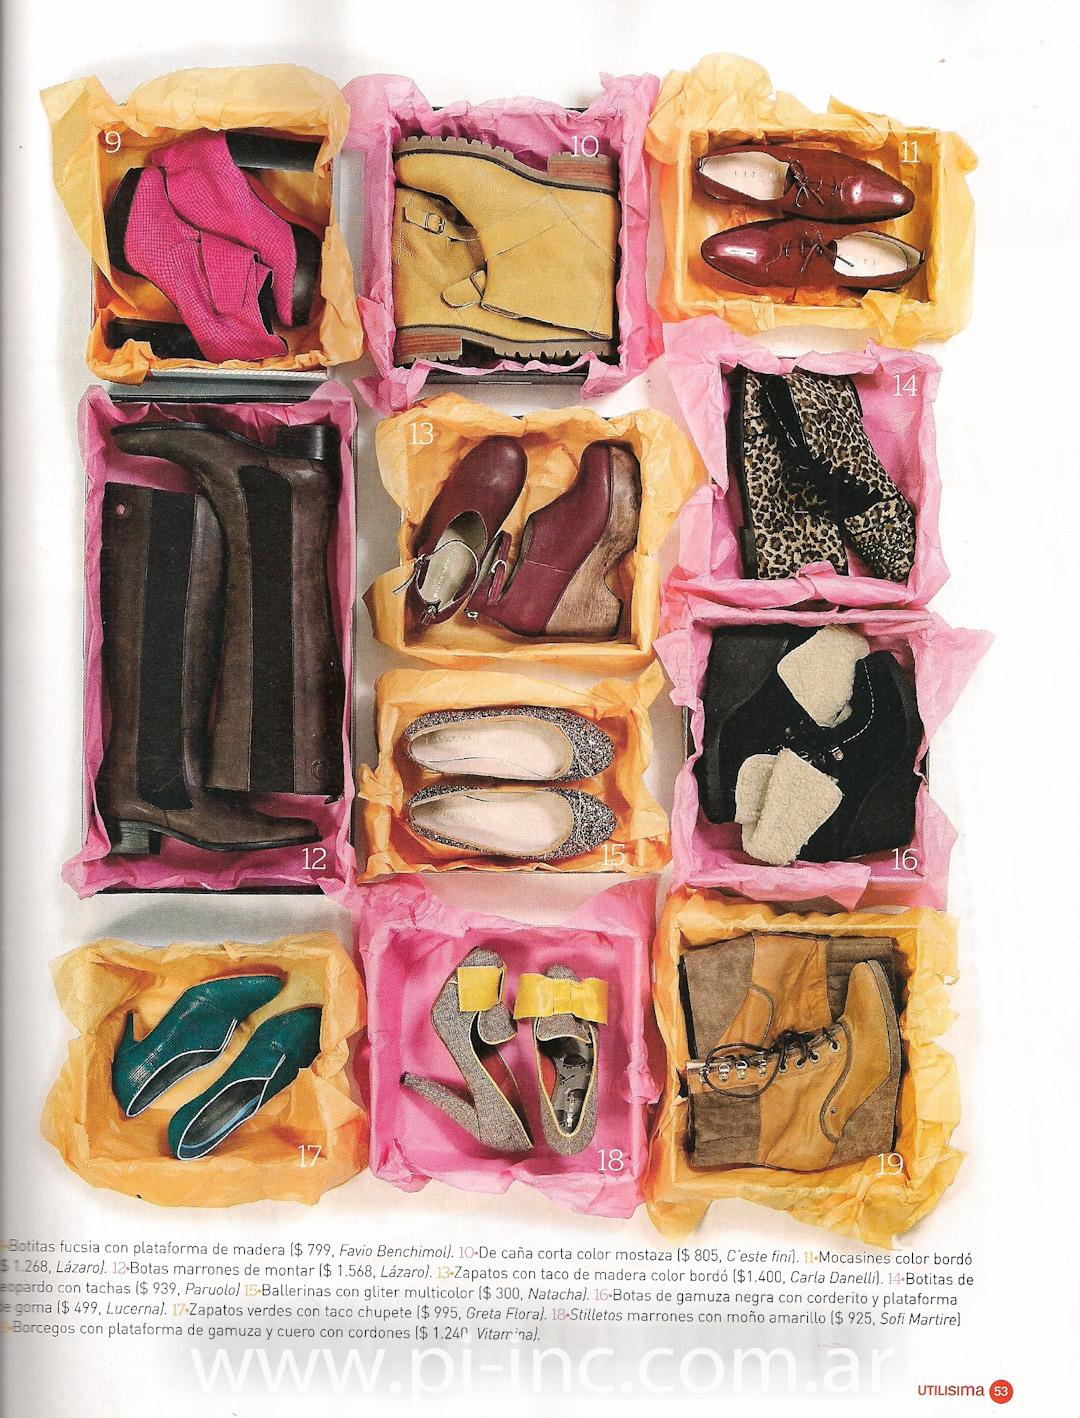 ... en C´est Fini zapatos en Utilisima Tamaño completo 1080 × 1418